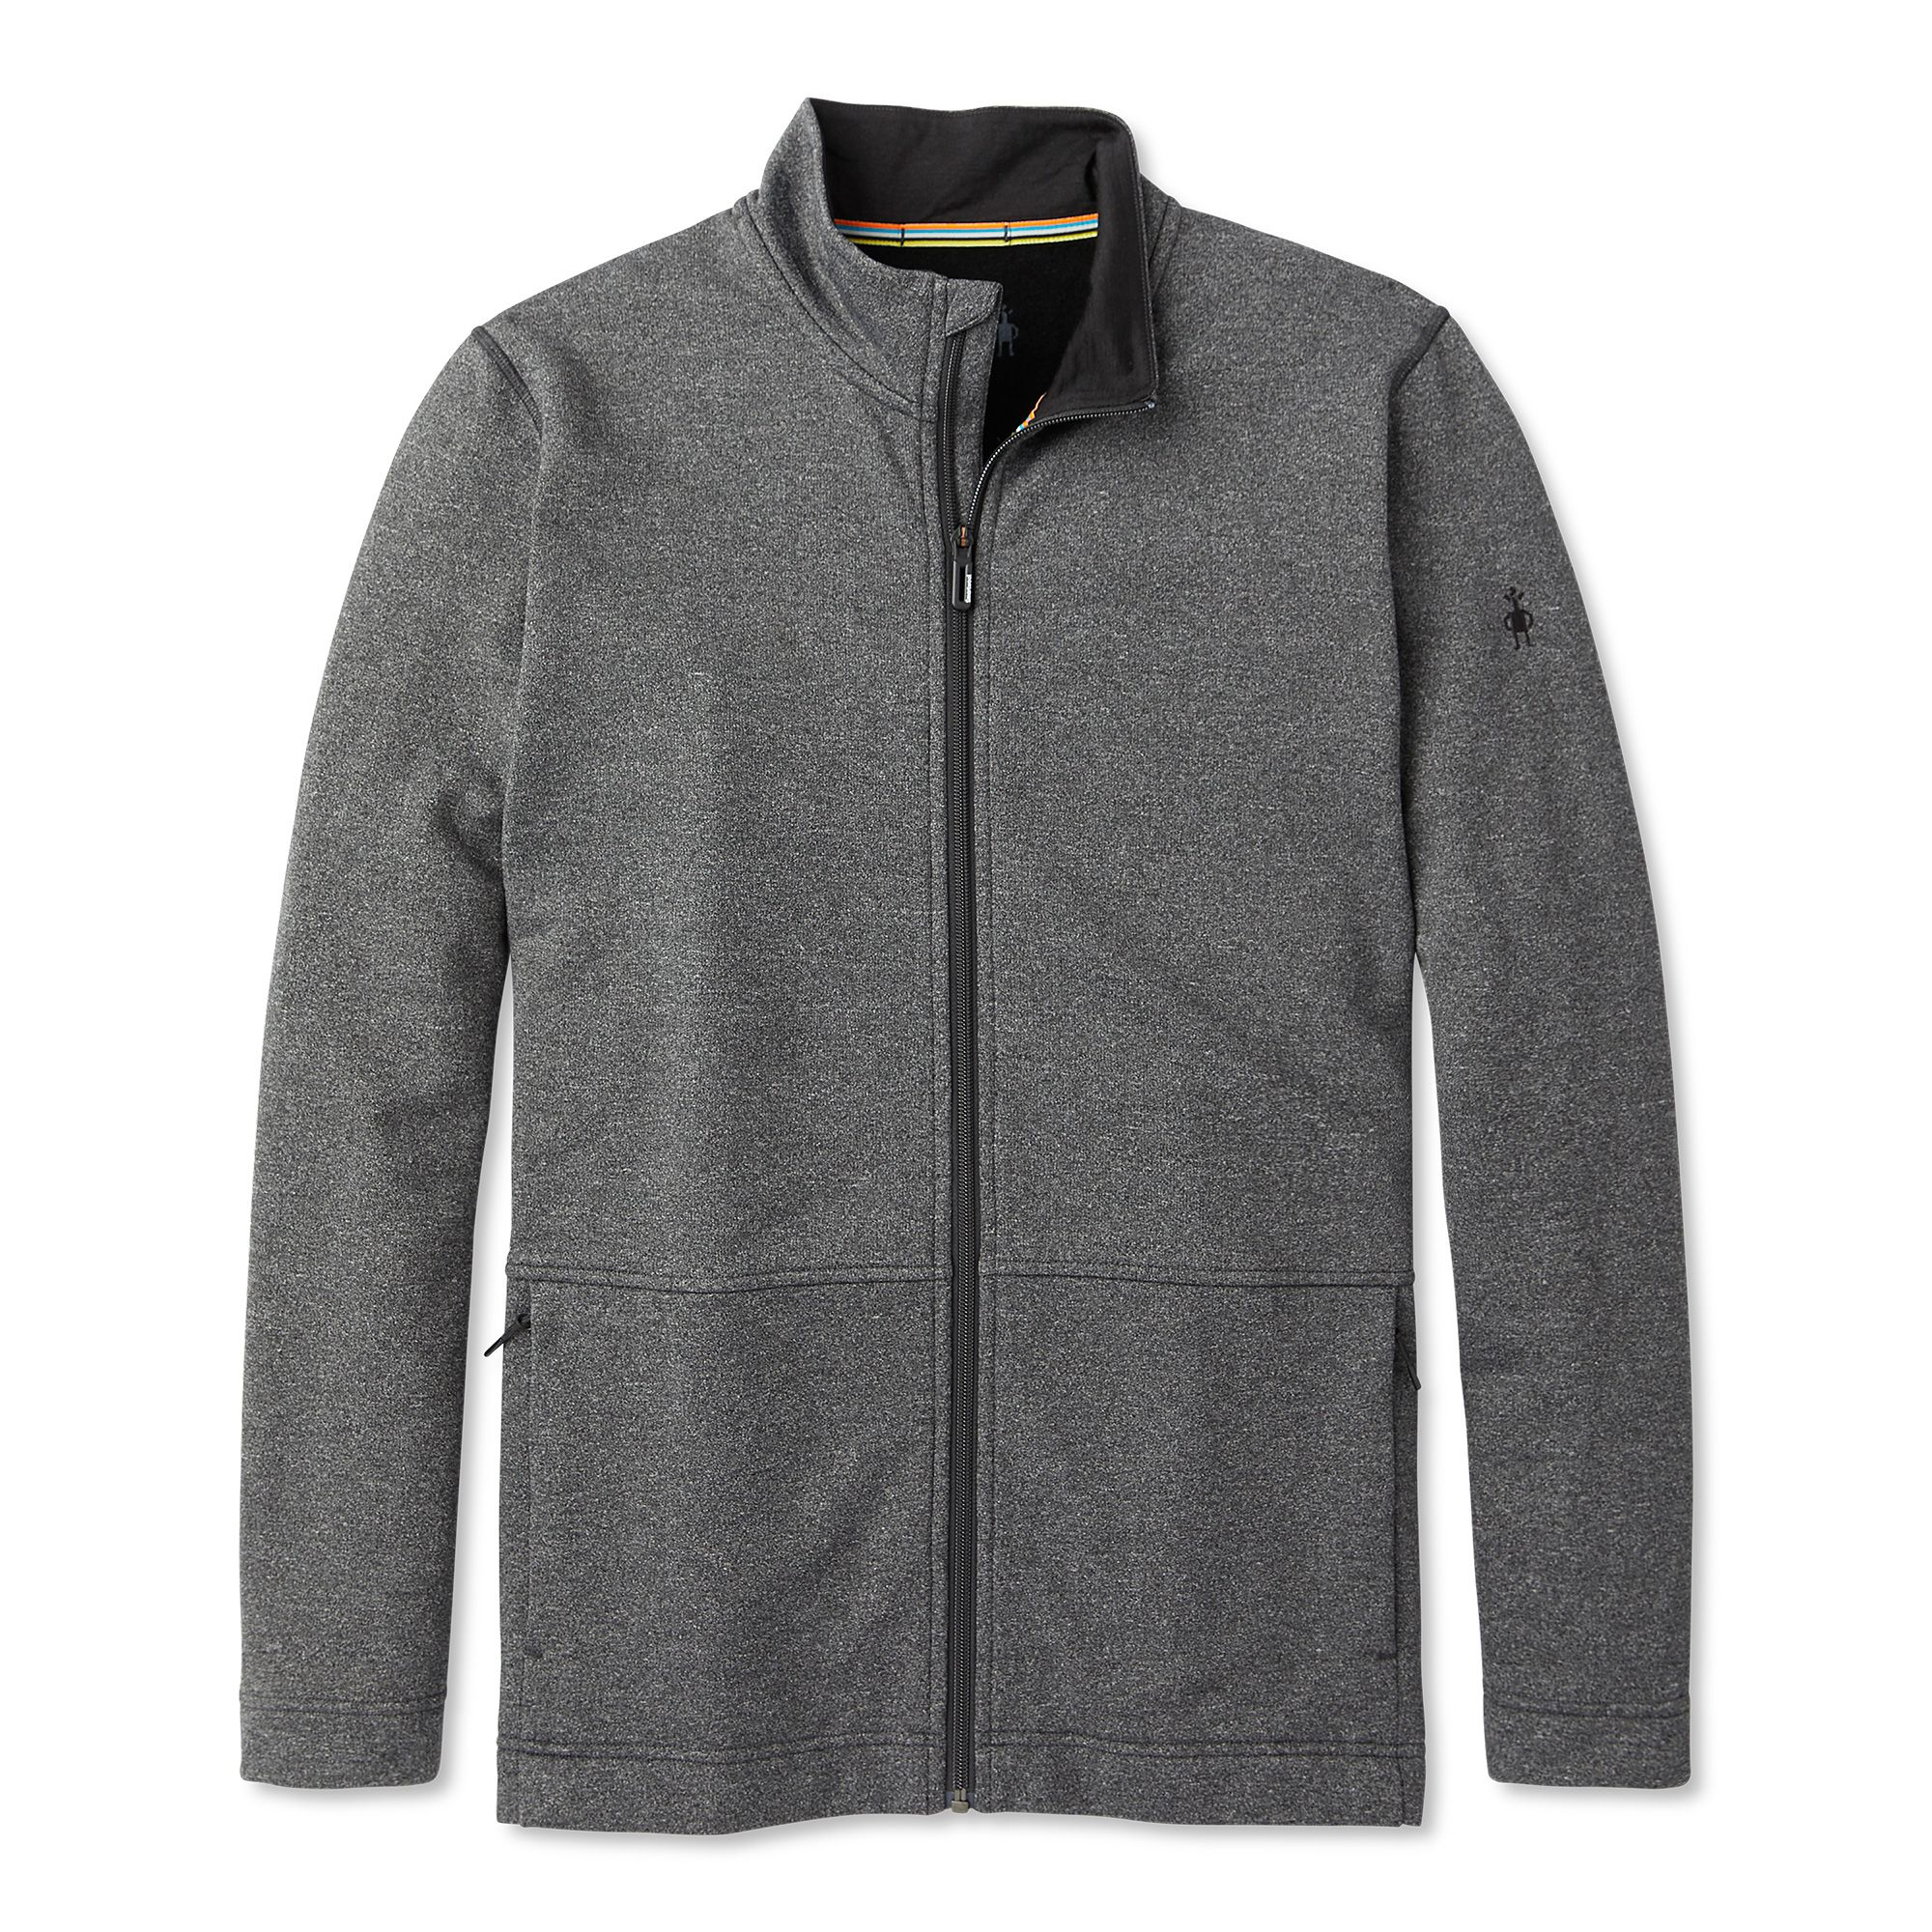 Manteau à glissière Merino Sport en molleton pour hommes